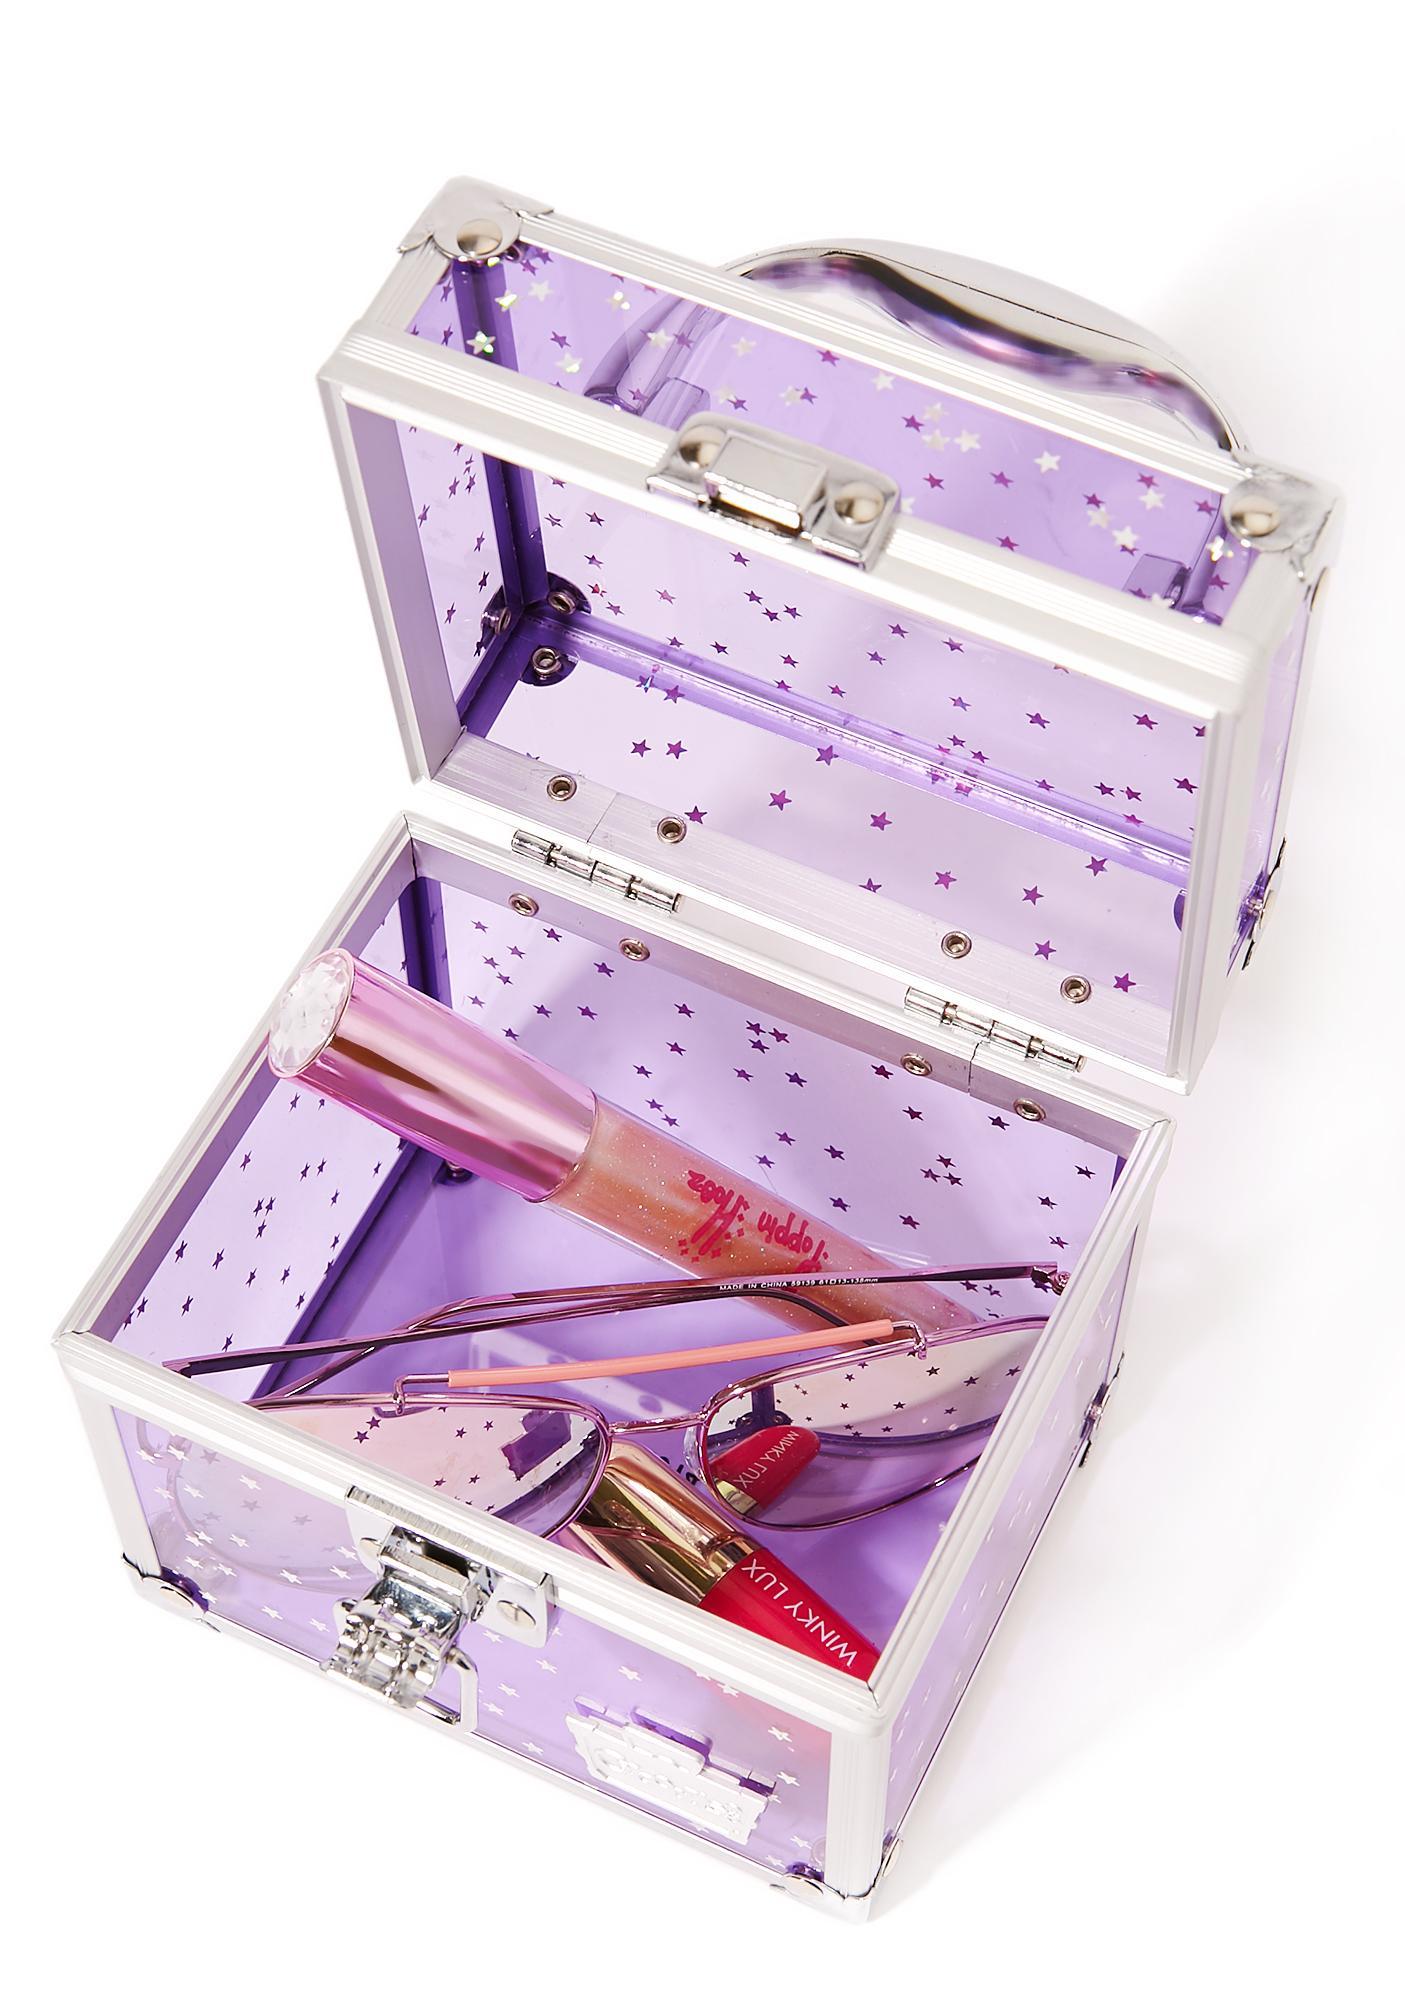 Caboodles makeup case